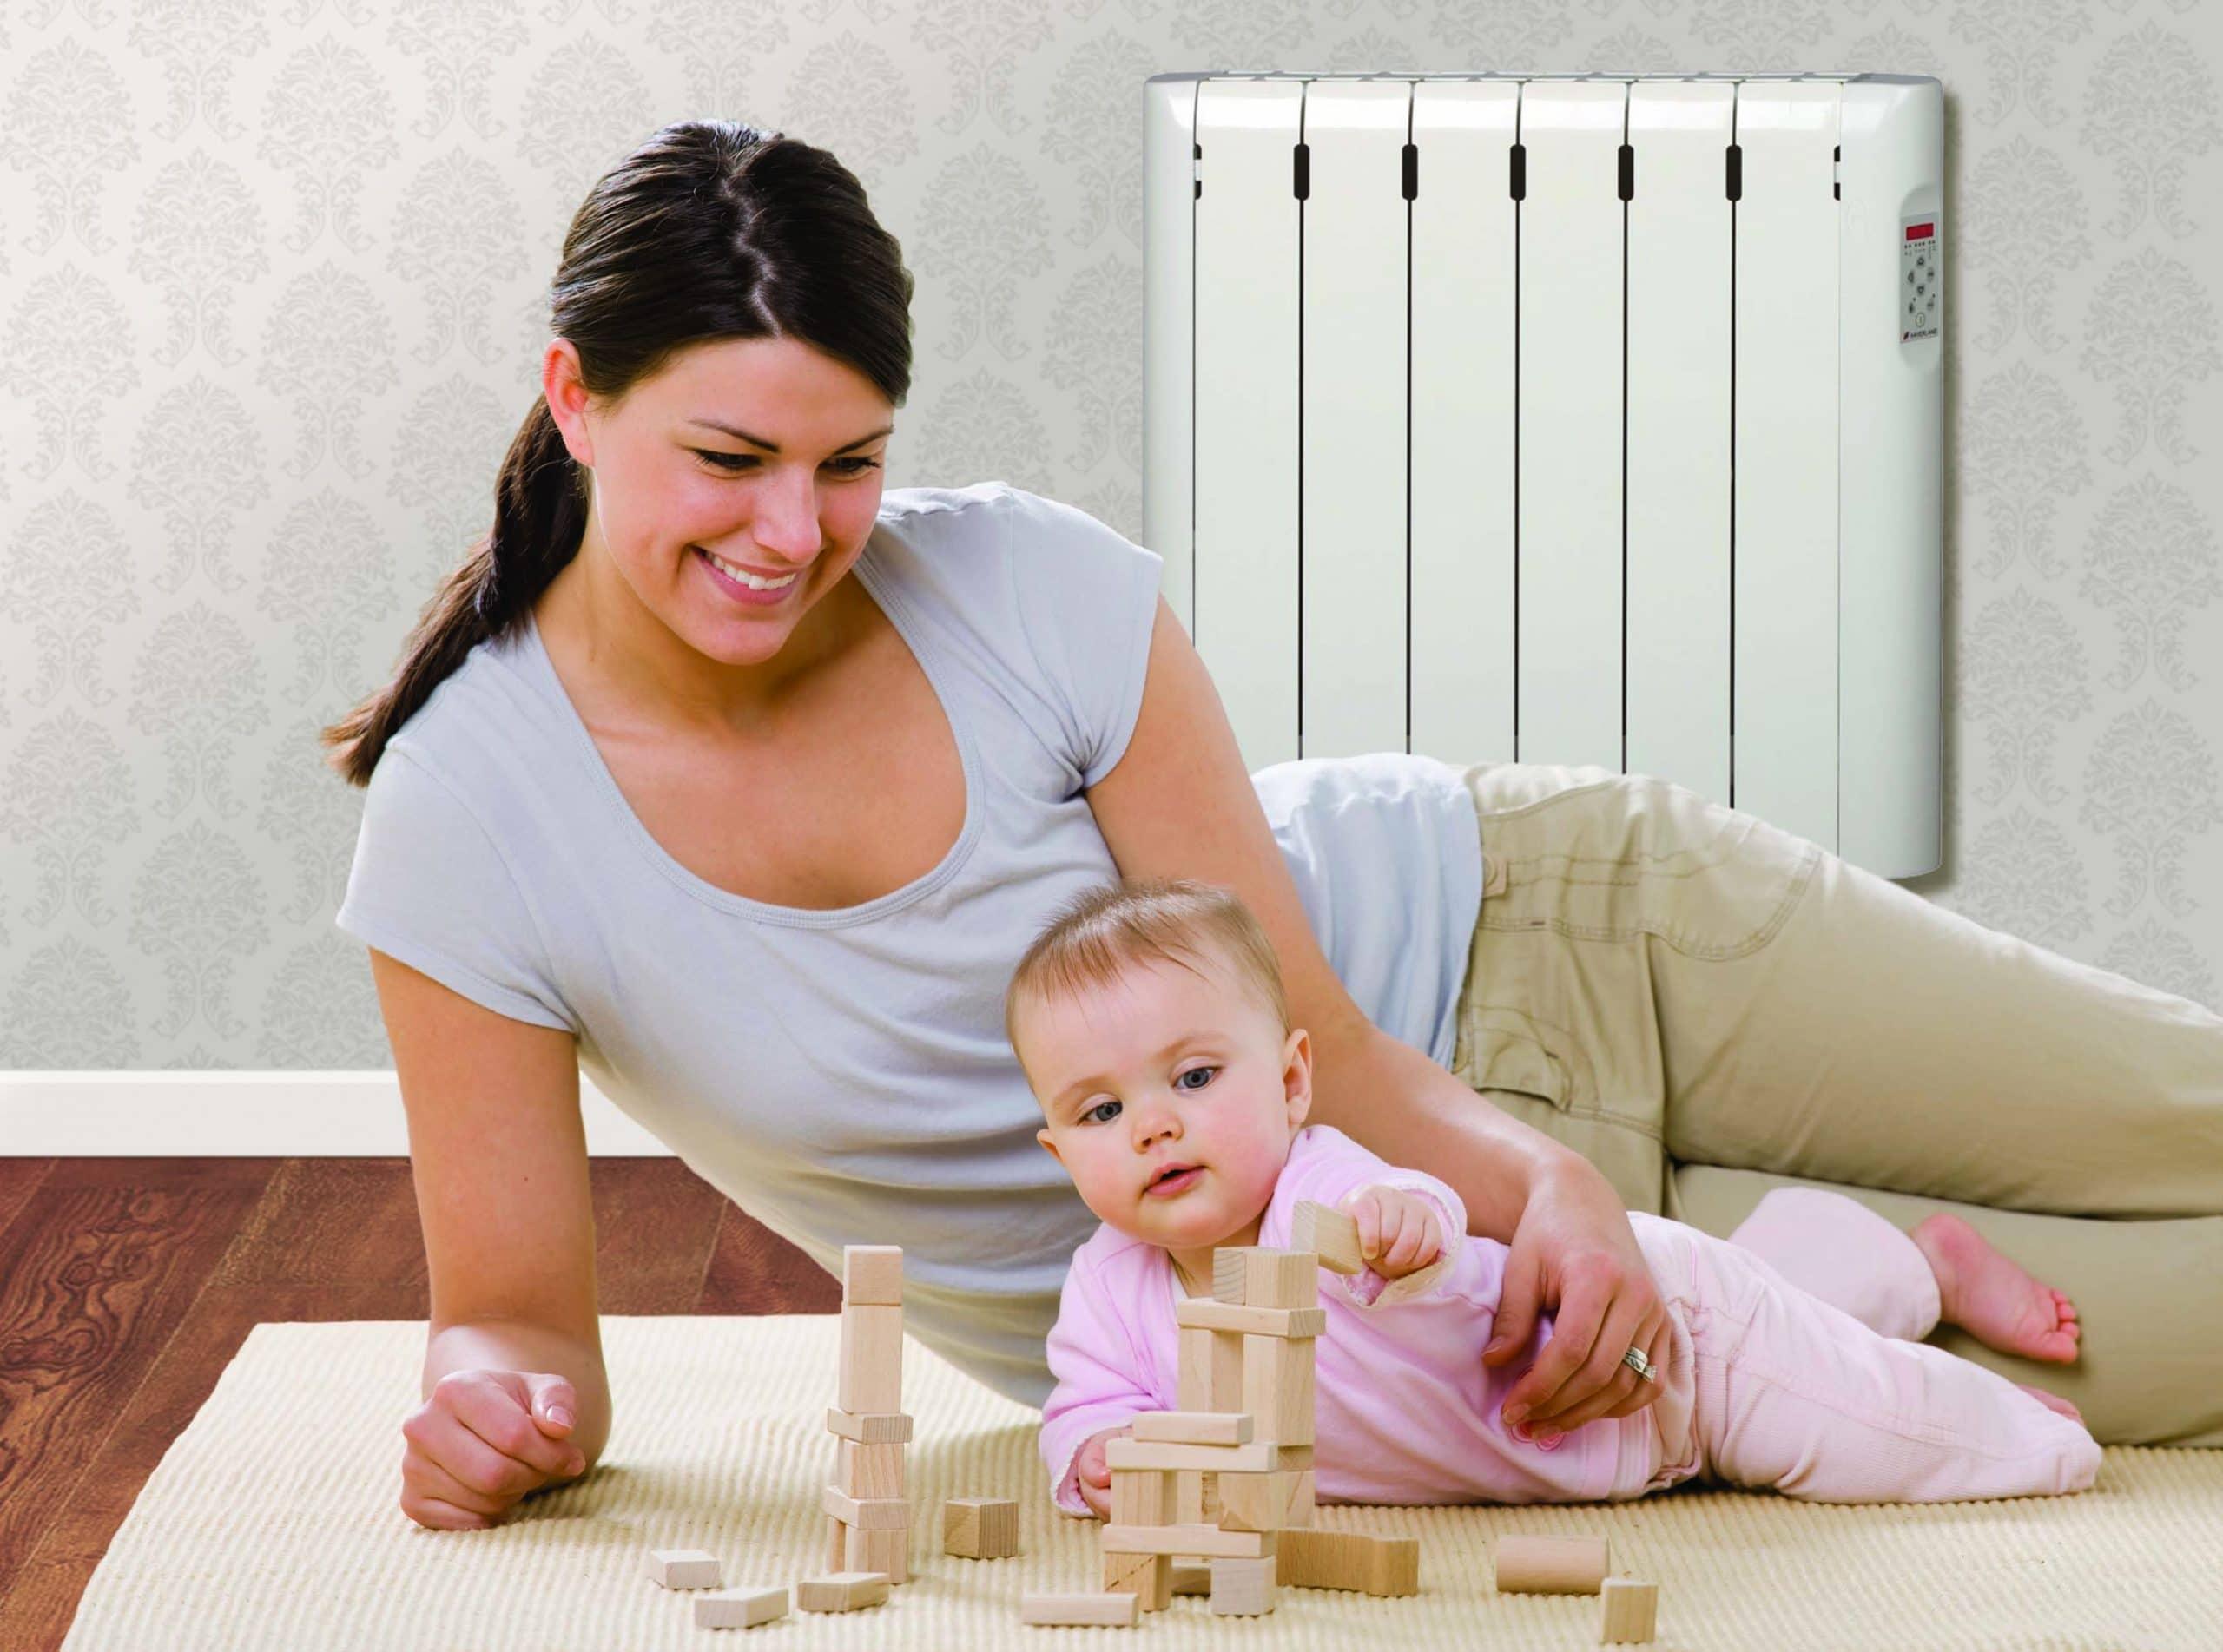 Mum baby - Consejos para un buen uso de la calefacción eléctrica.